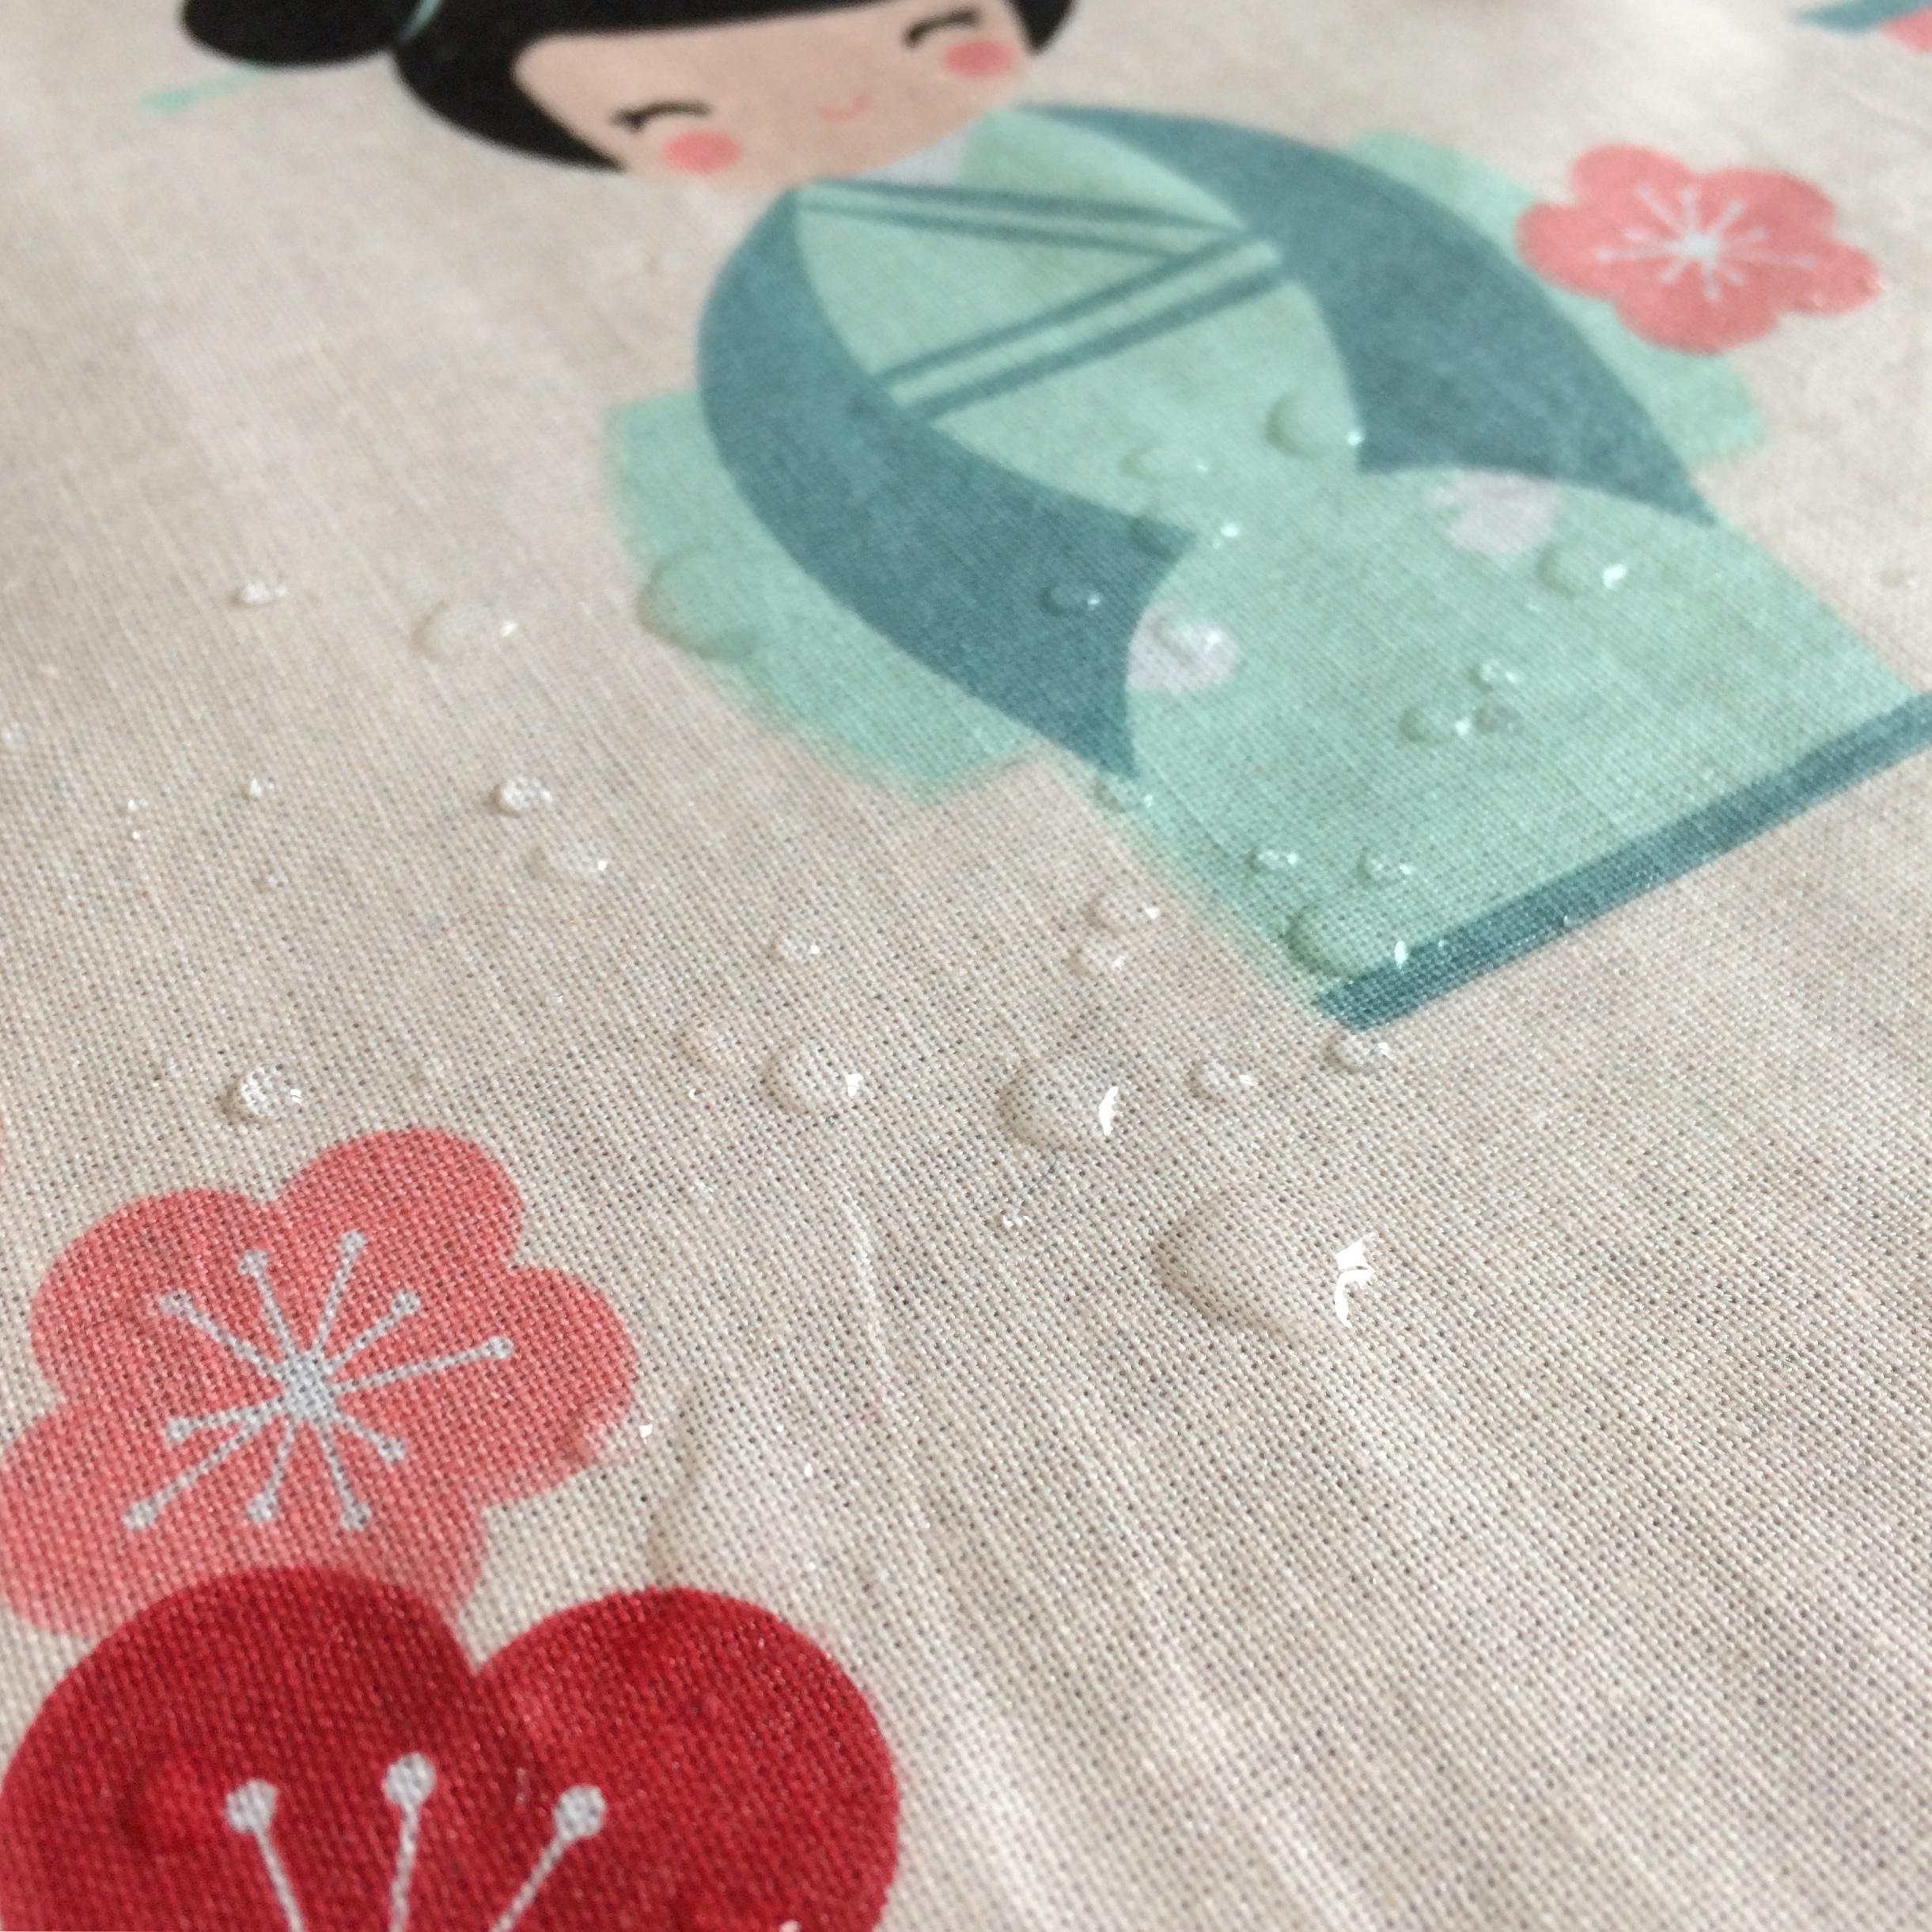 Imperméabiliser un tissu